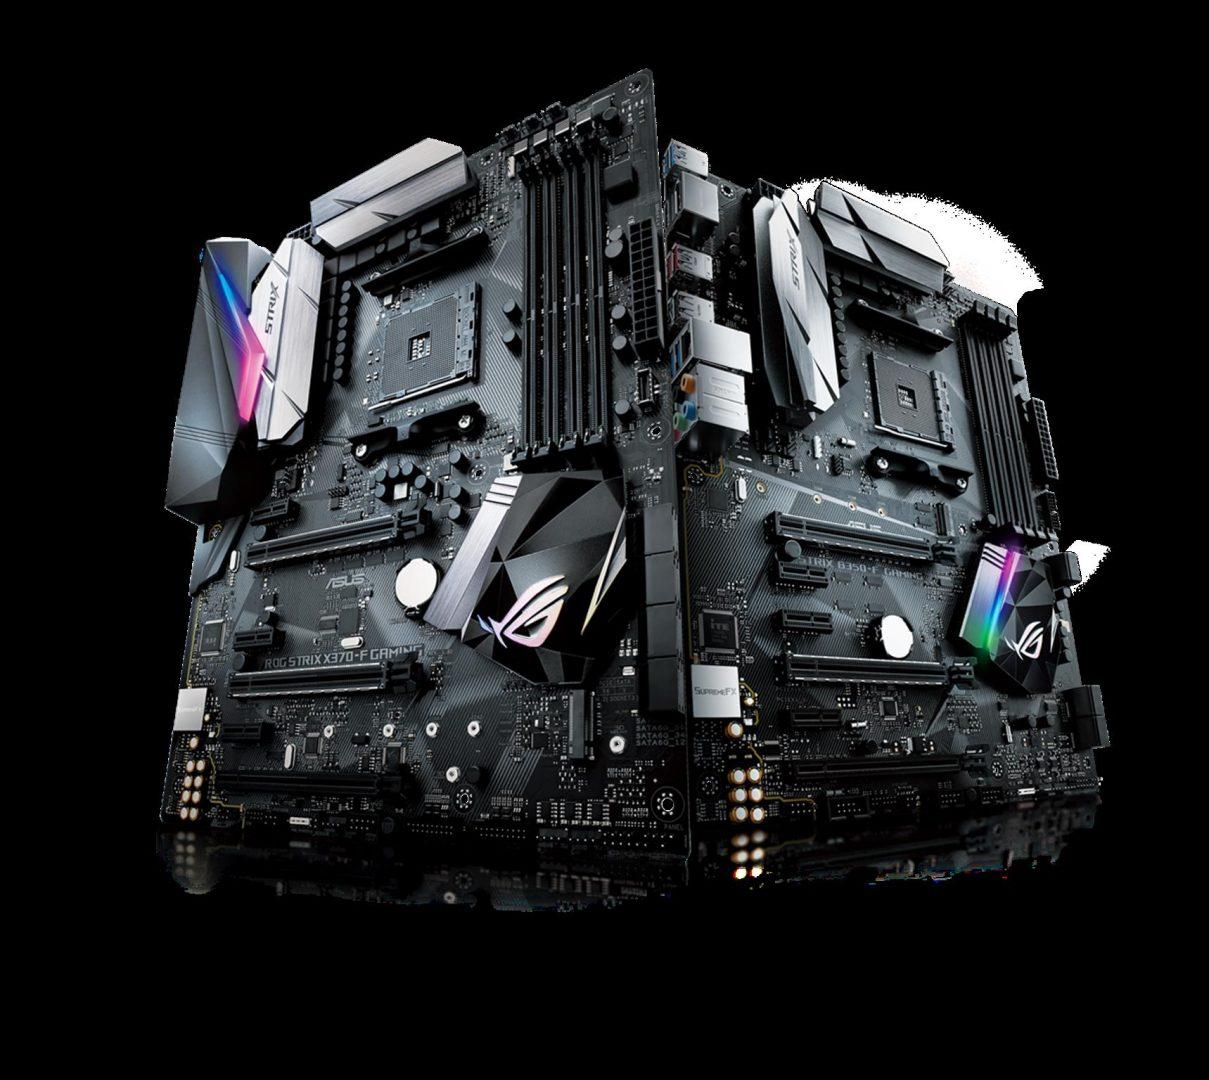 ROG Strix X370-F Gaming, B350-F Gaming